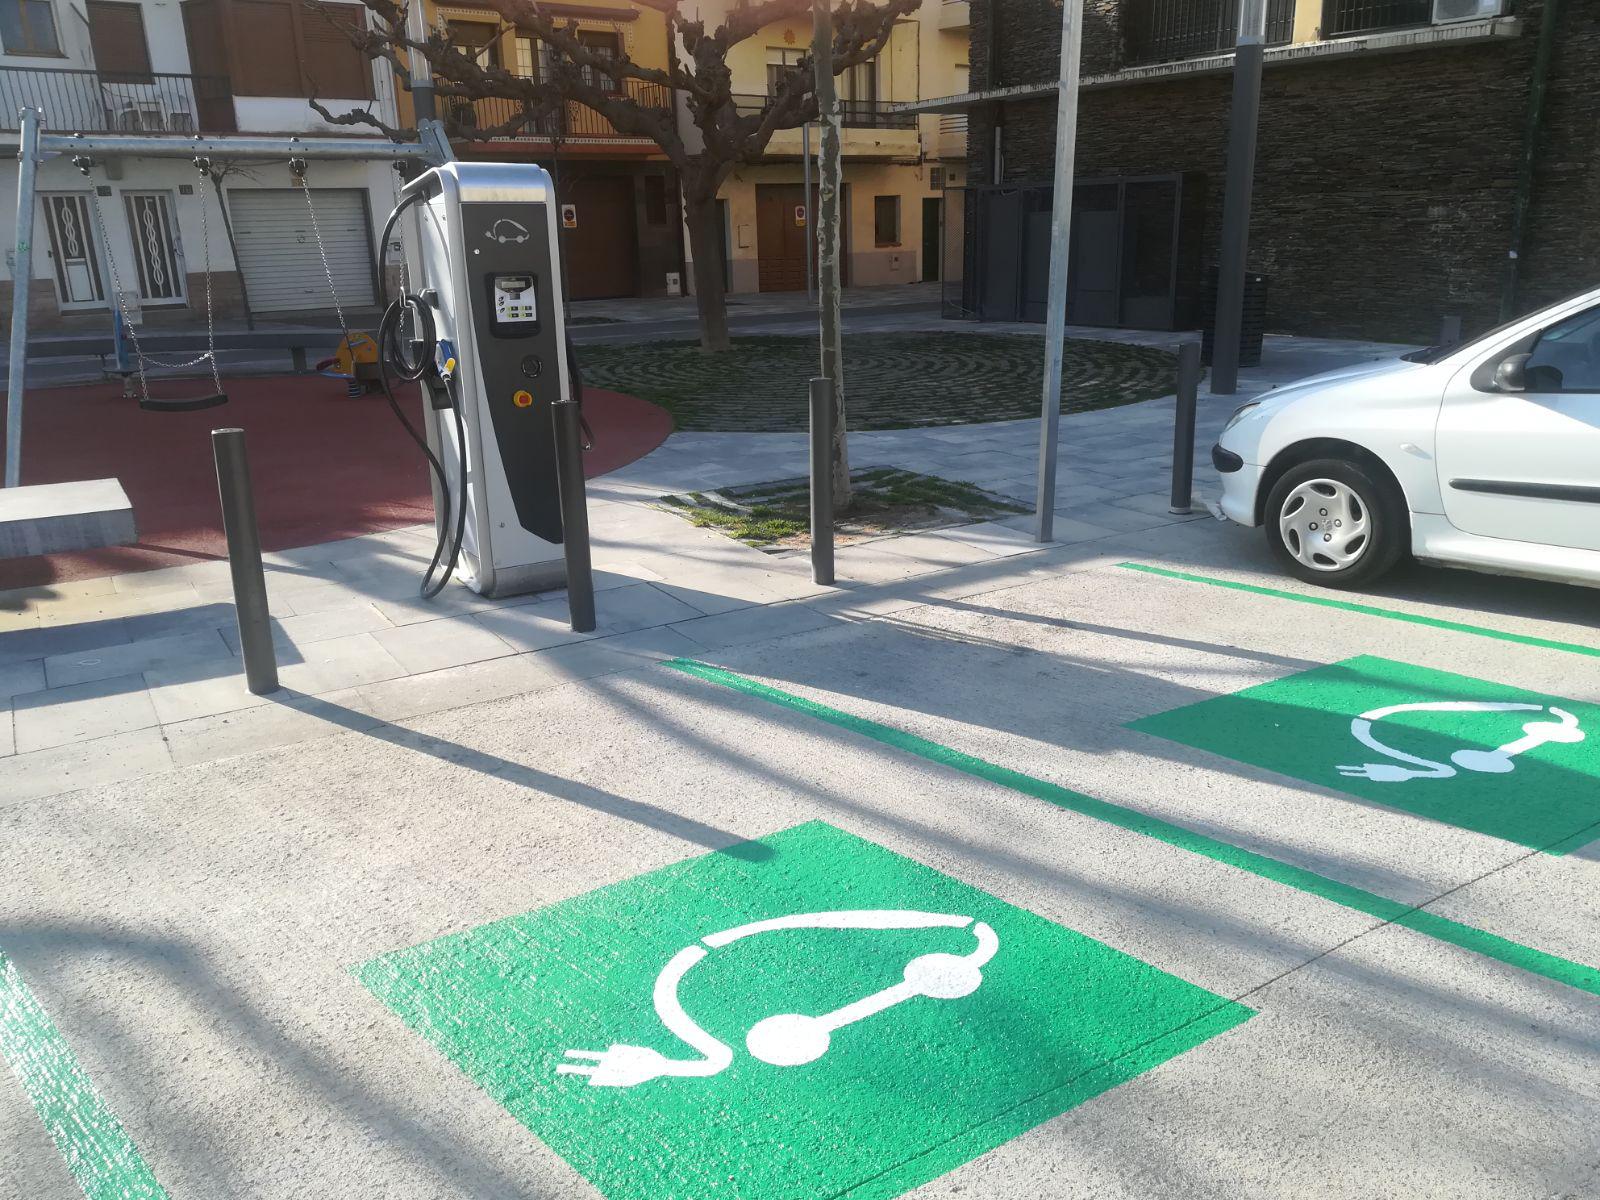 Roses instal·la 2 punts de recàrrega de vehicles elèctrics